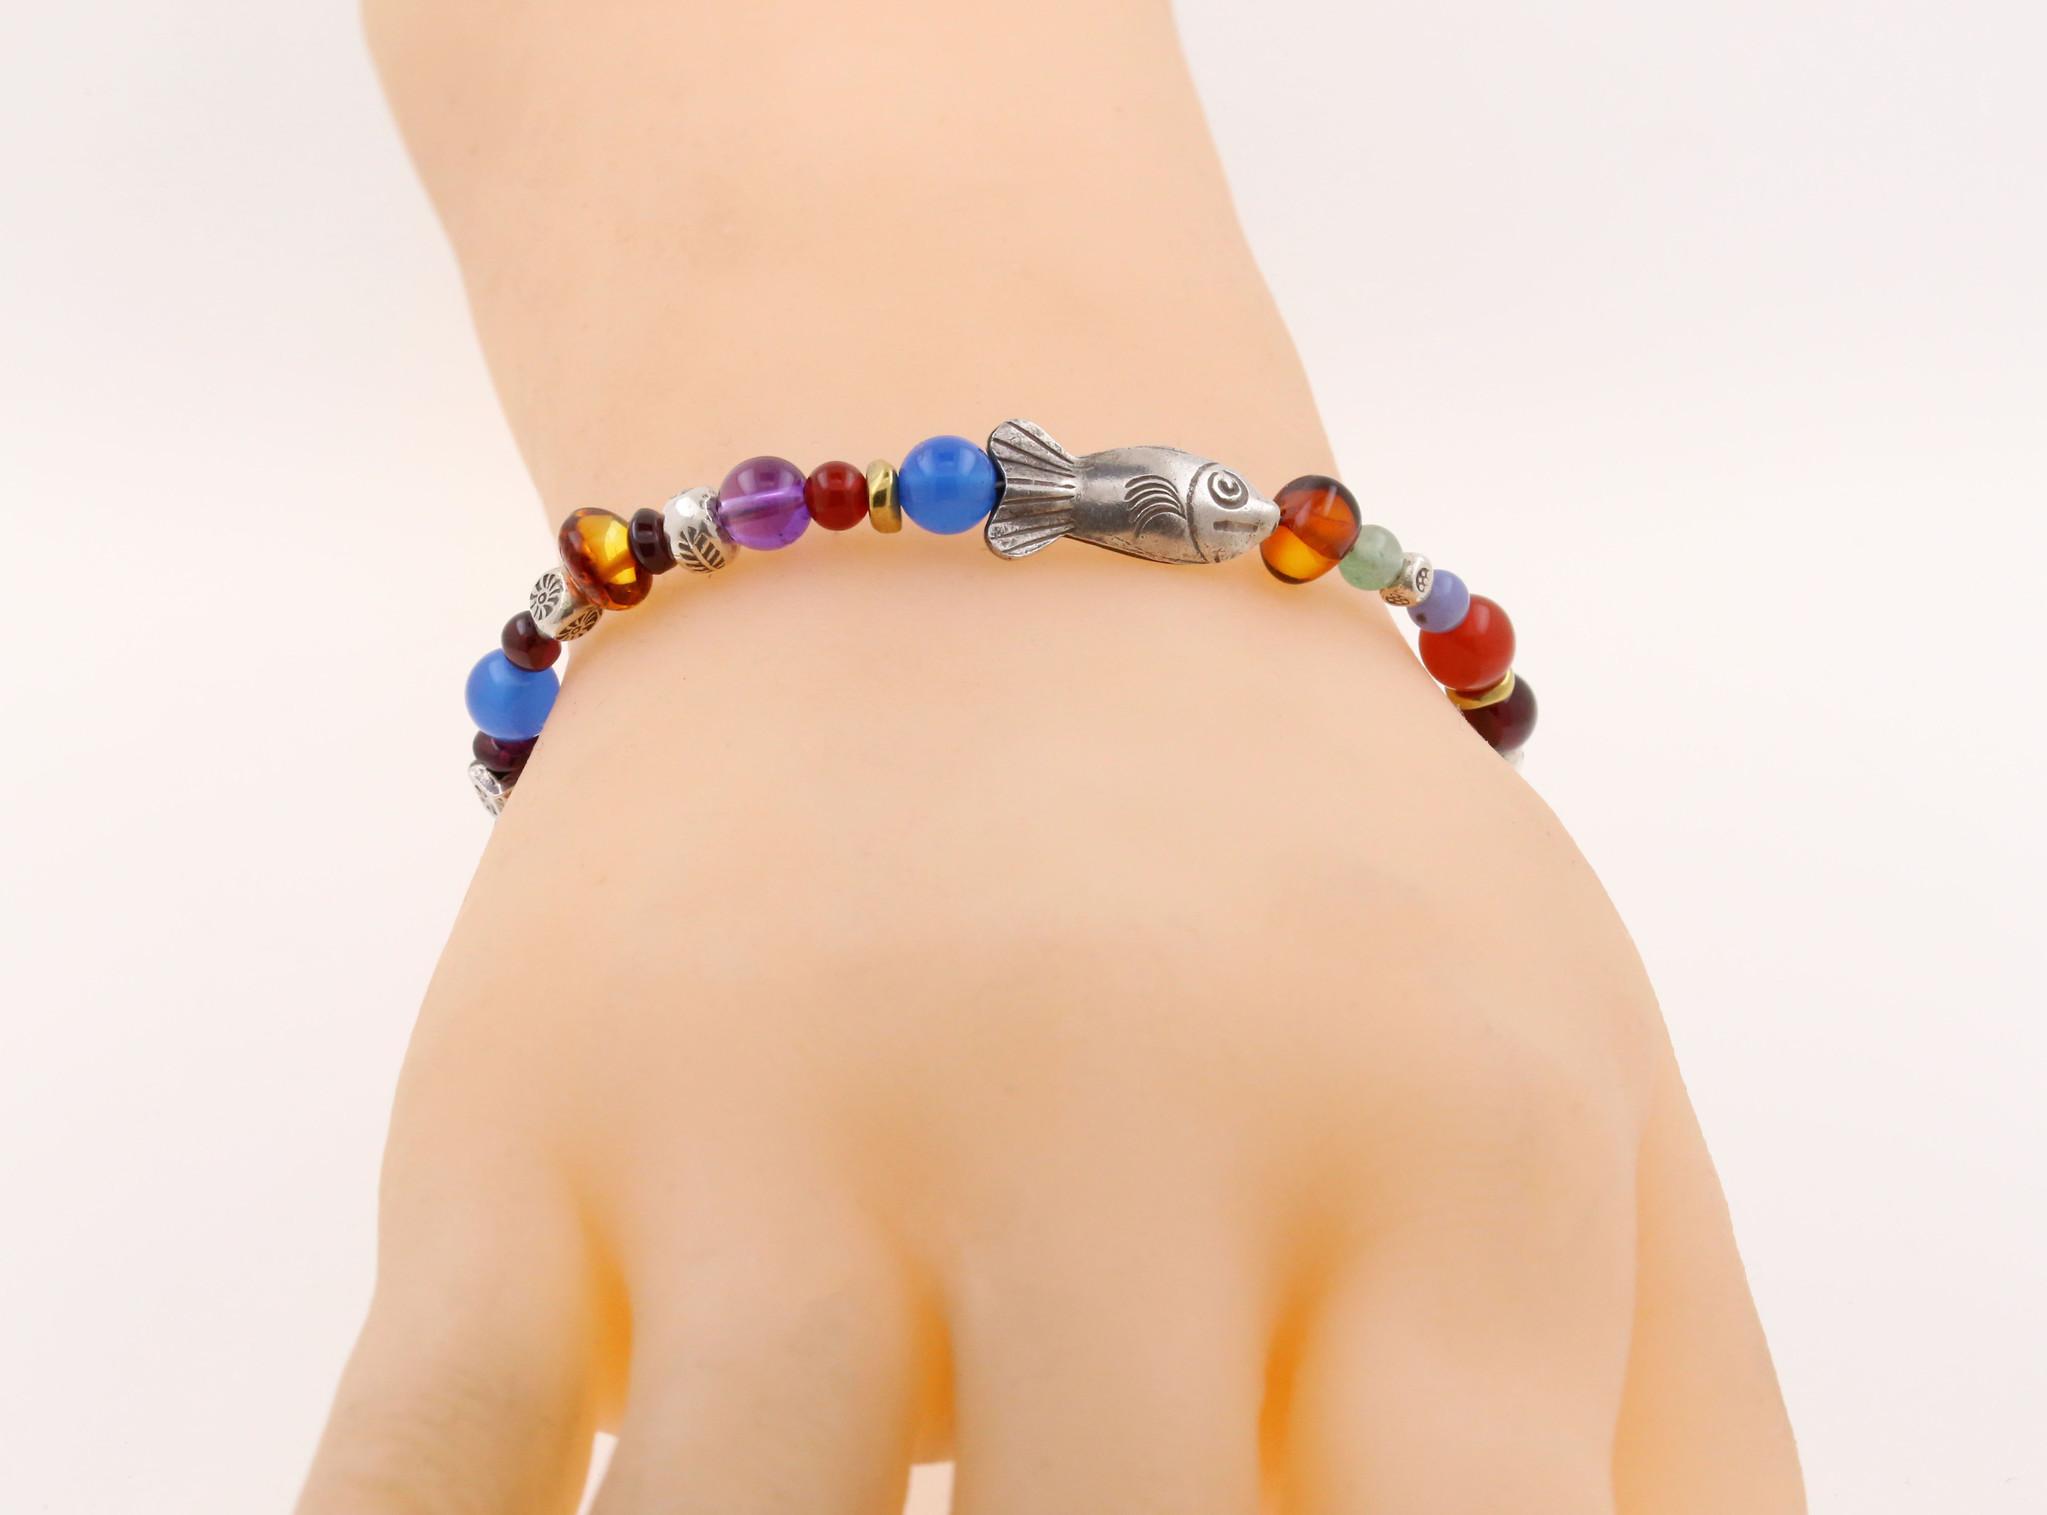 Handgemachtes Armband mit Fisch und Farbeldelsteinen